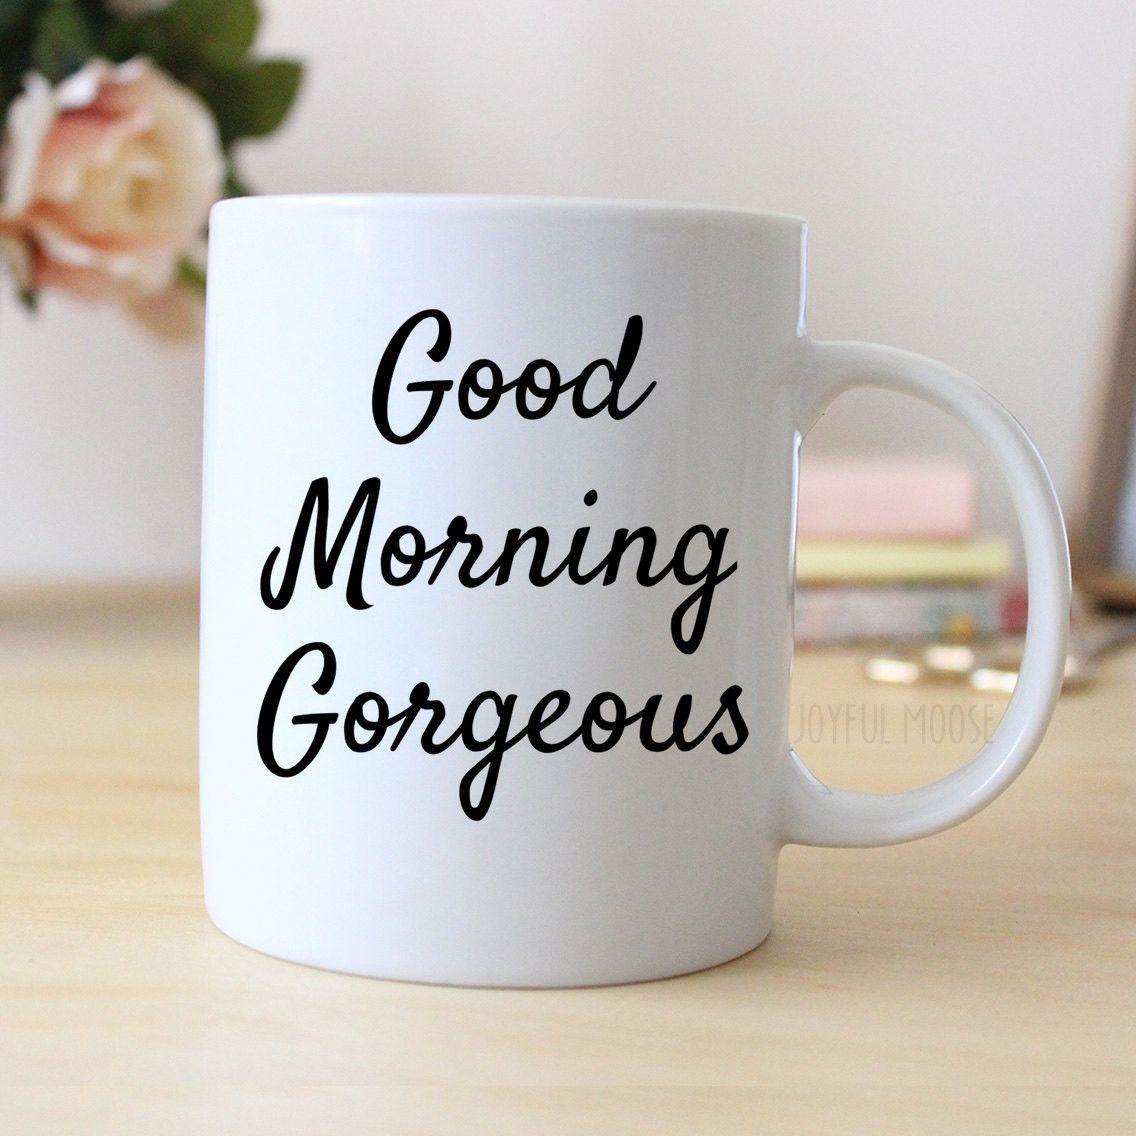 Good Morning Mug inspirational Coffee Mug for